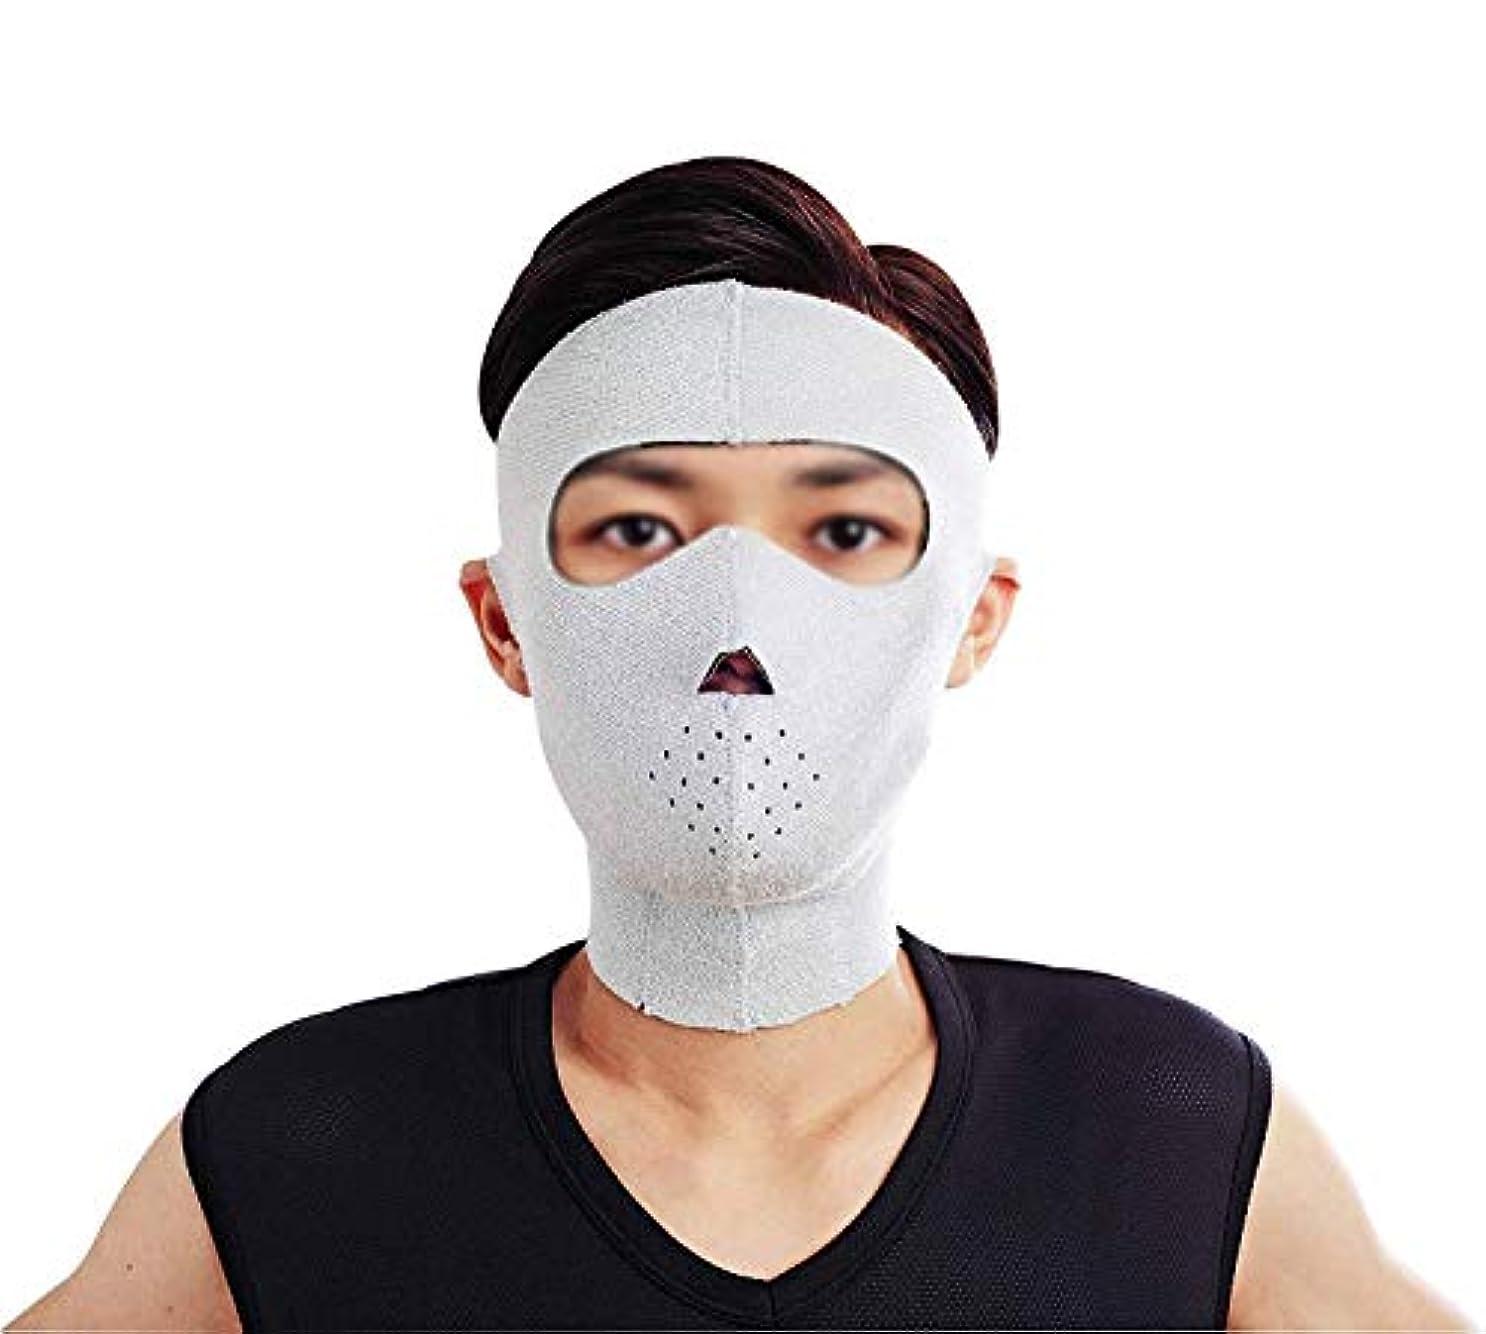 今ネックレット超越するフェイスリフトマスク、フェイシャルマスクプラス薄いフェイスマスクタイトなたるみの薄いフェイスマスクフェイシャル薄いフェイスマスクアーティファクトビューティー男性ネックストラップ付き